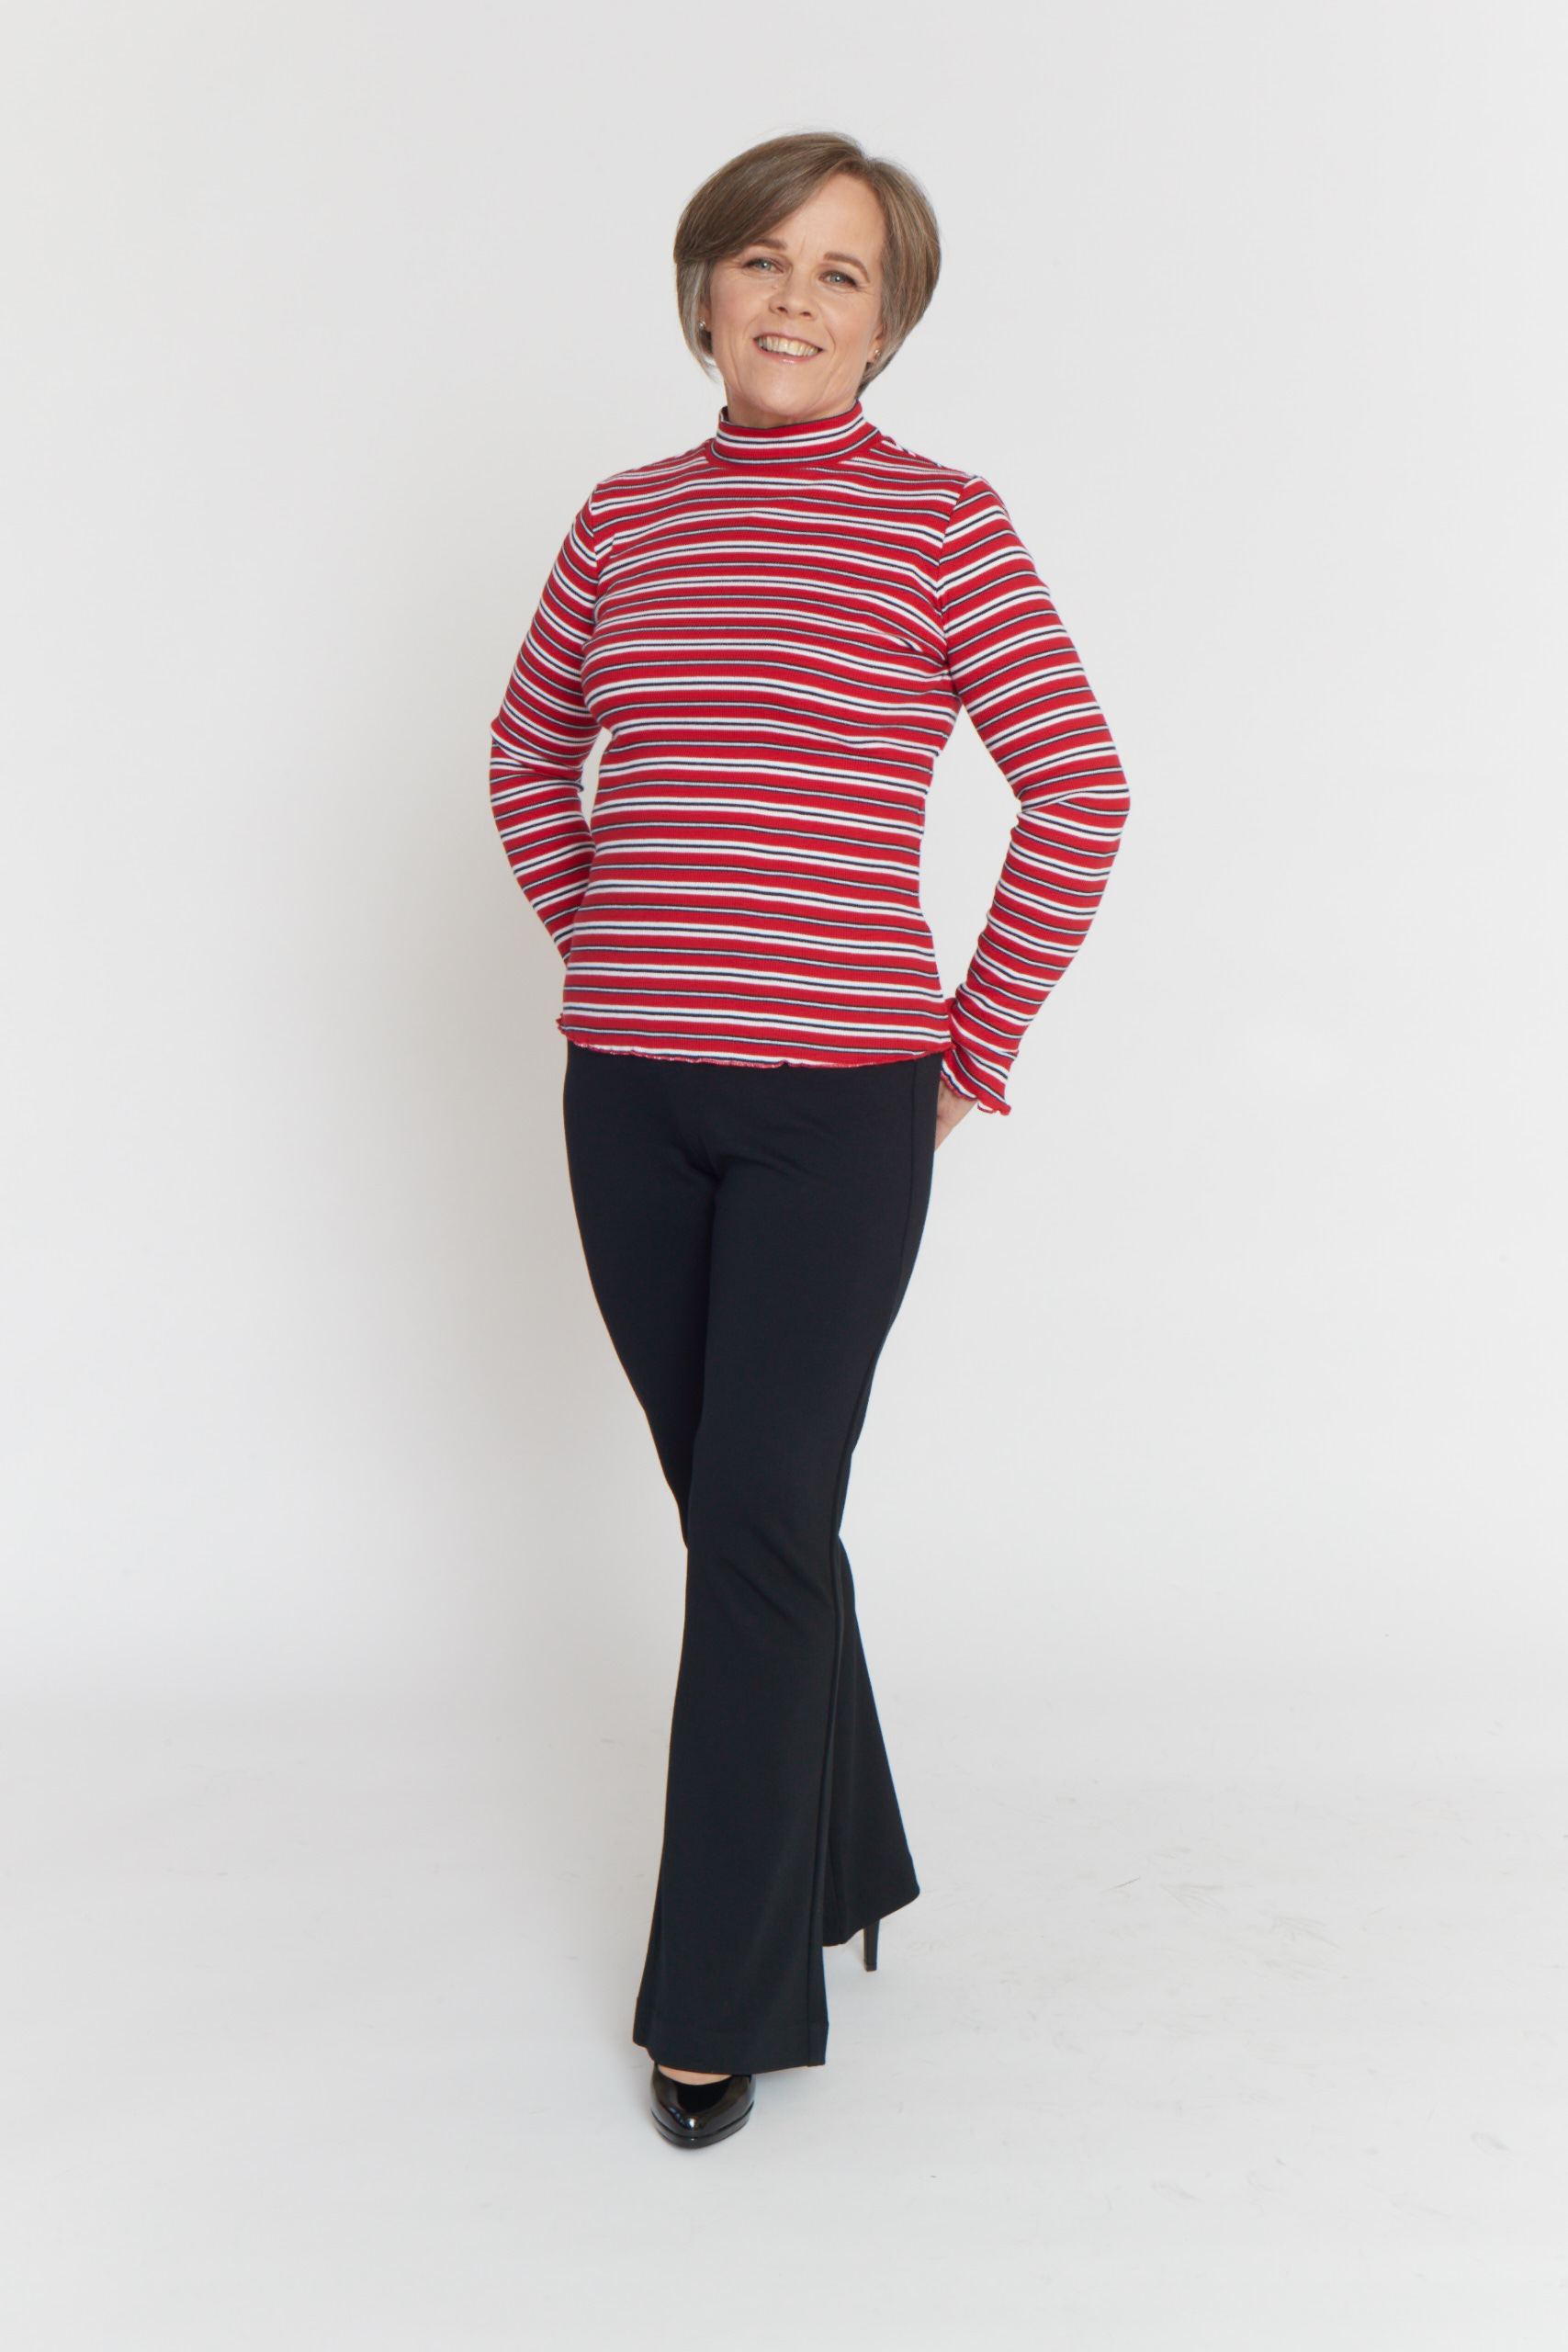 Janet Sandberg After